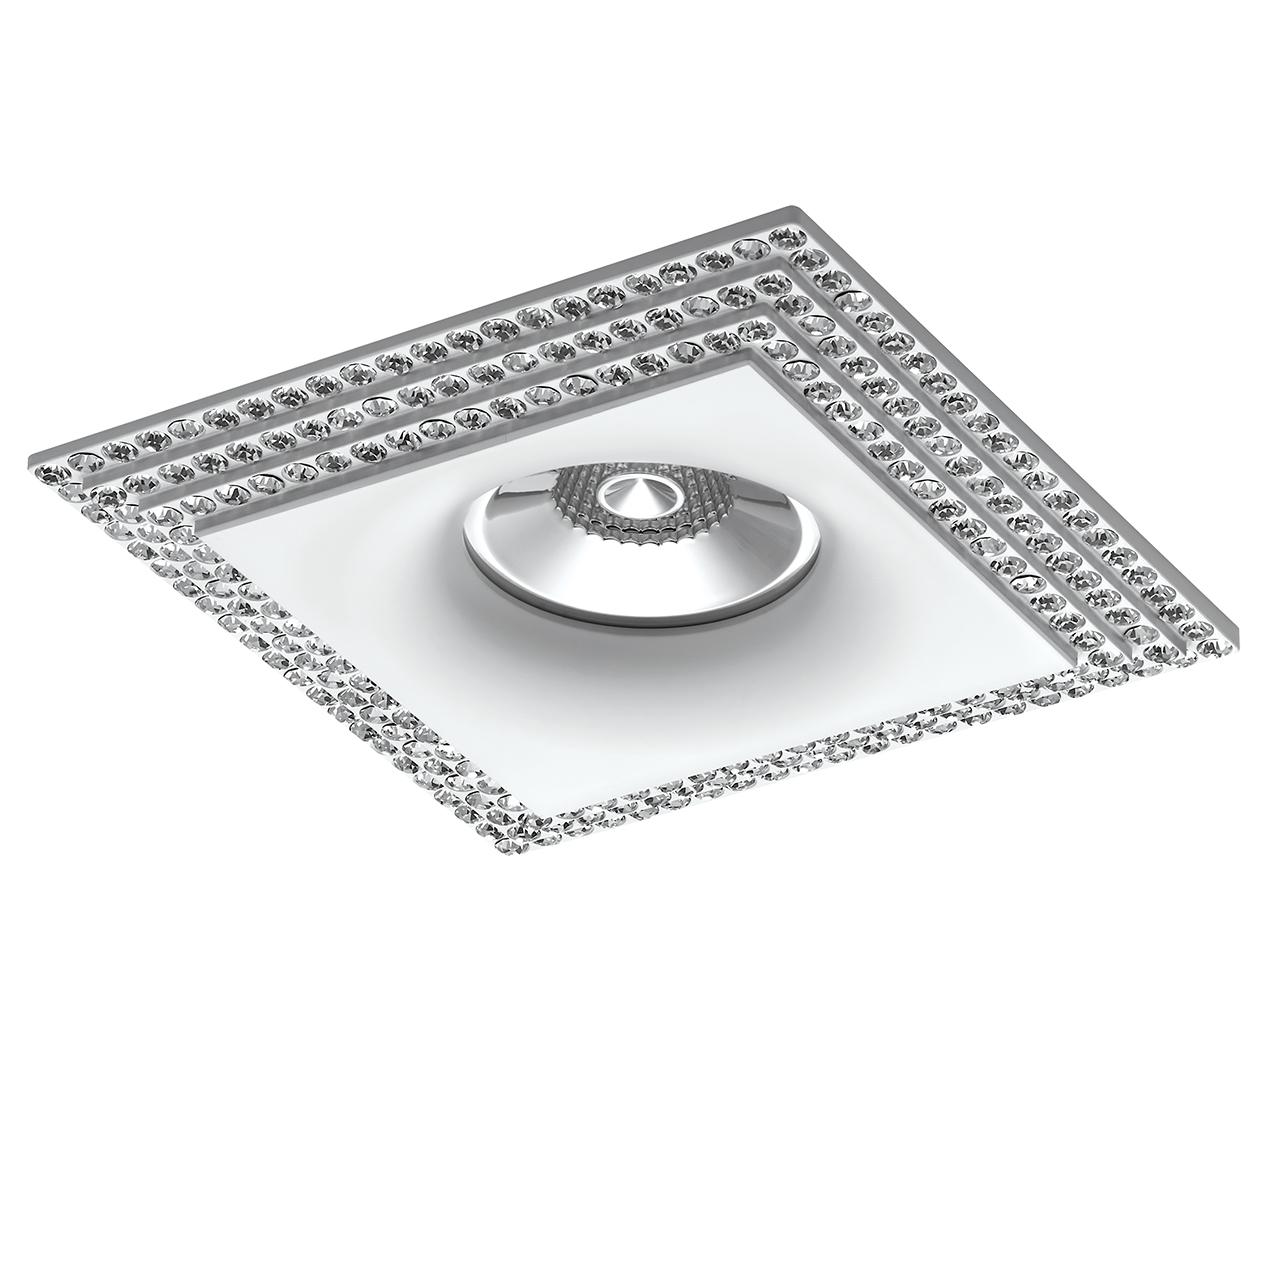 Встраиваемый светильник Lightstar, GU10, 50 Вт встраиваемый светильник lightstar gu10 50 вт